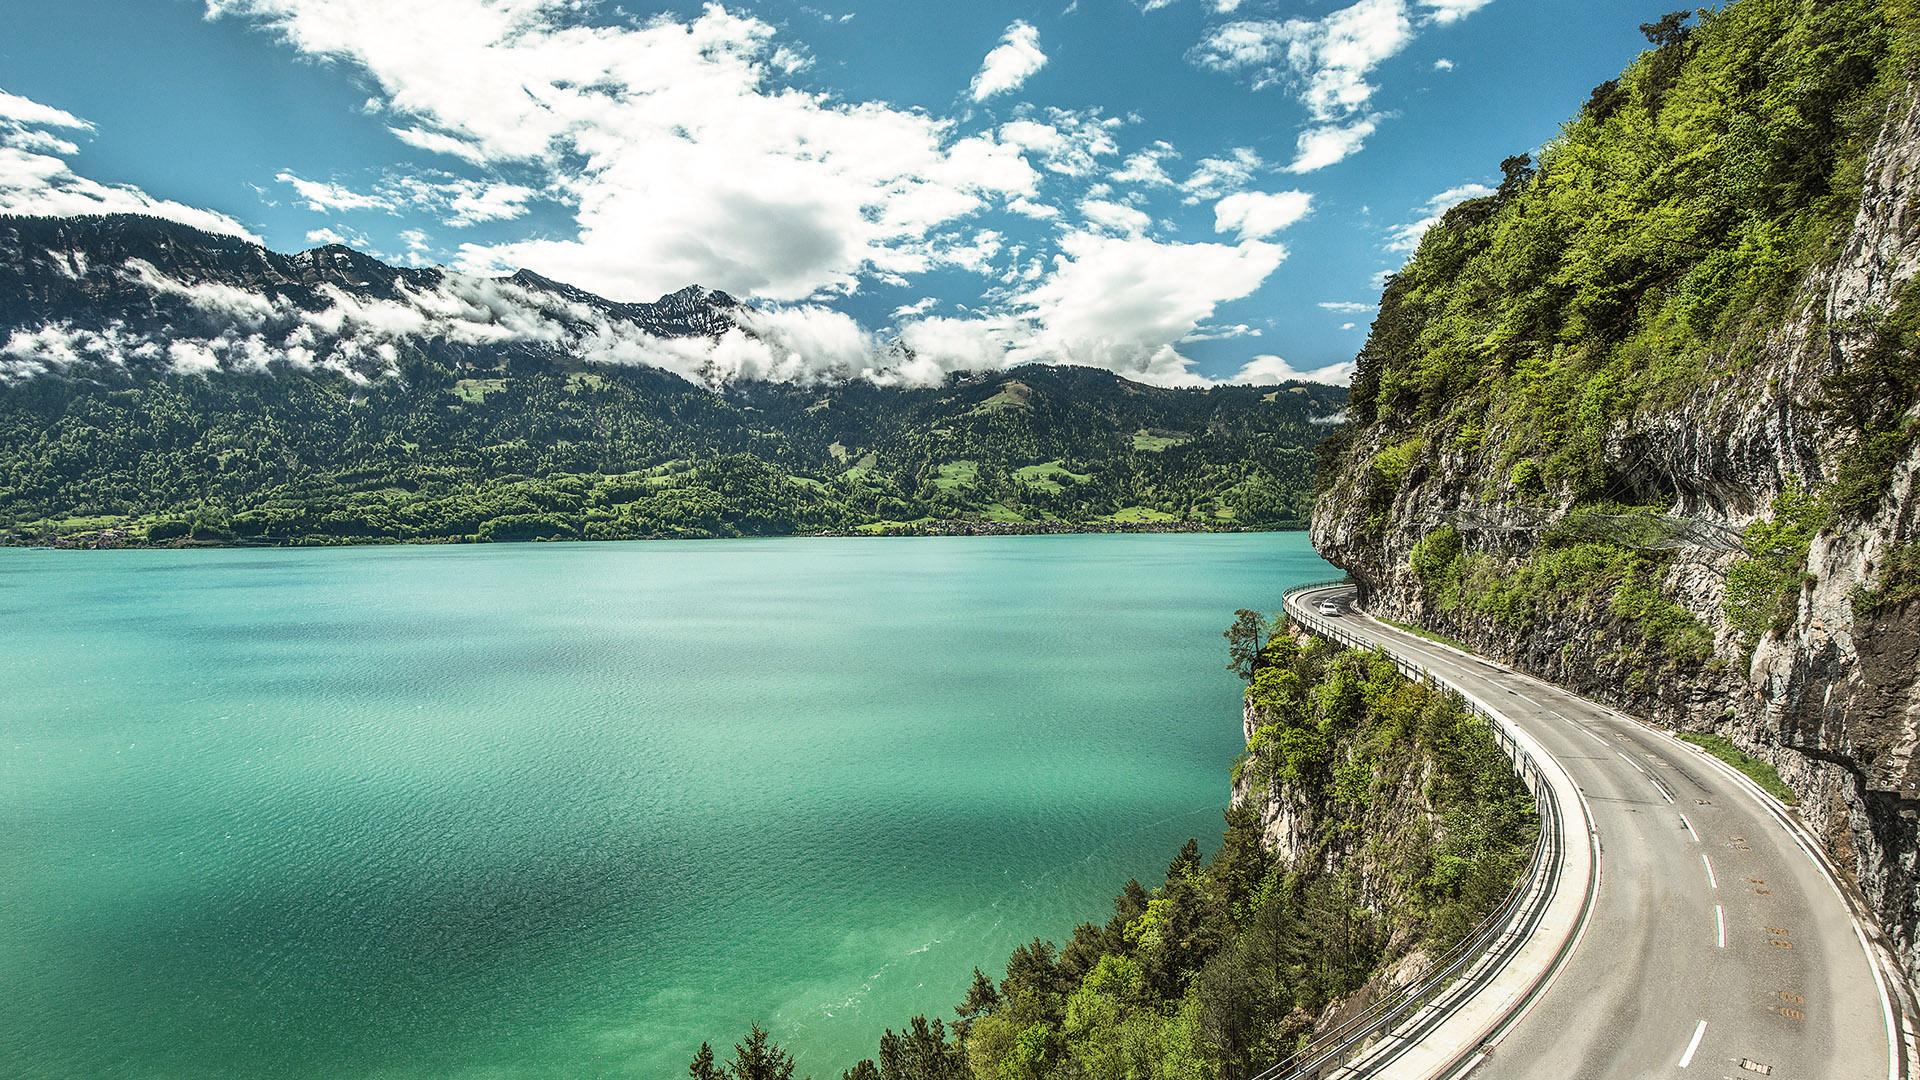 Tourabschnitt 2 - Neuchâtel-Bern